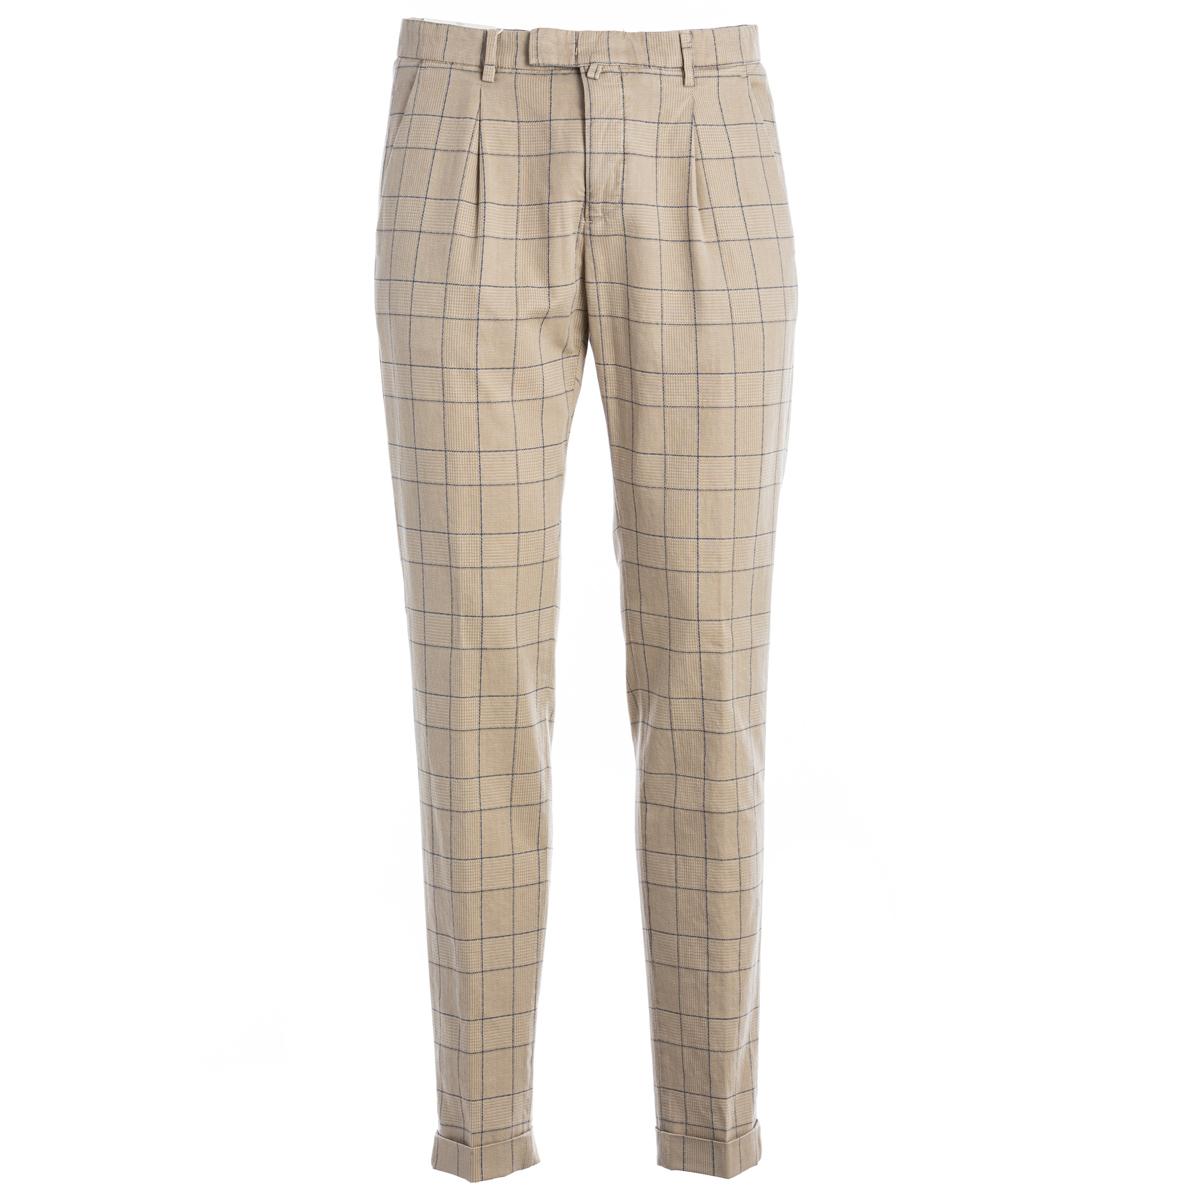 Pantalone Briglia colore baige e riquadri azzurri